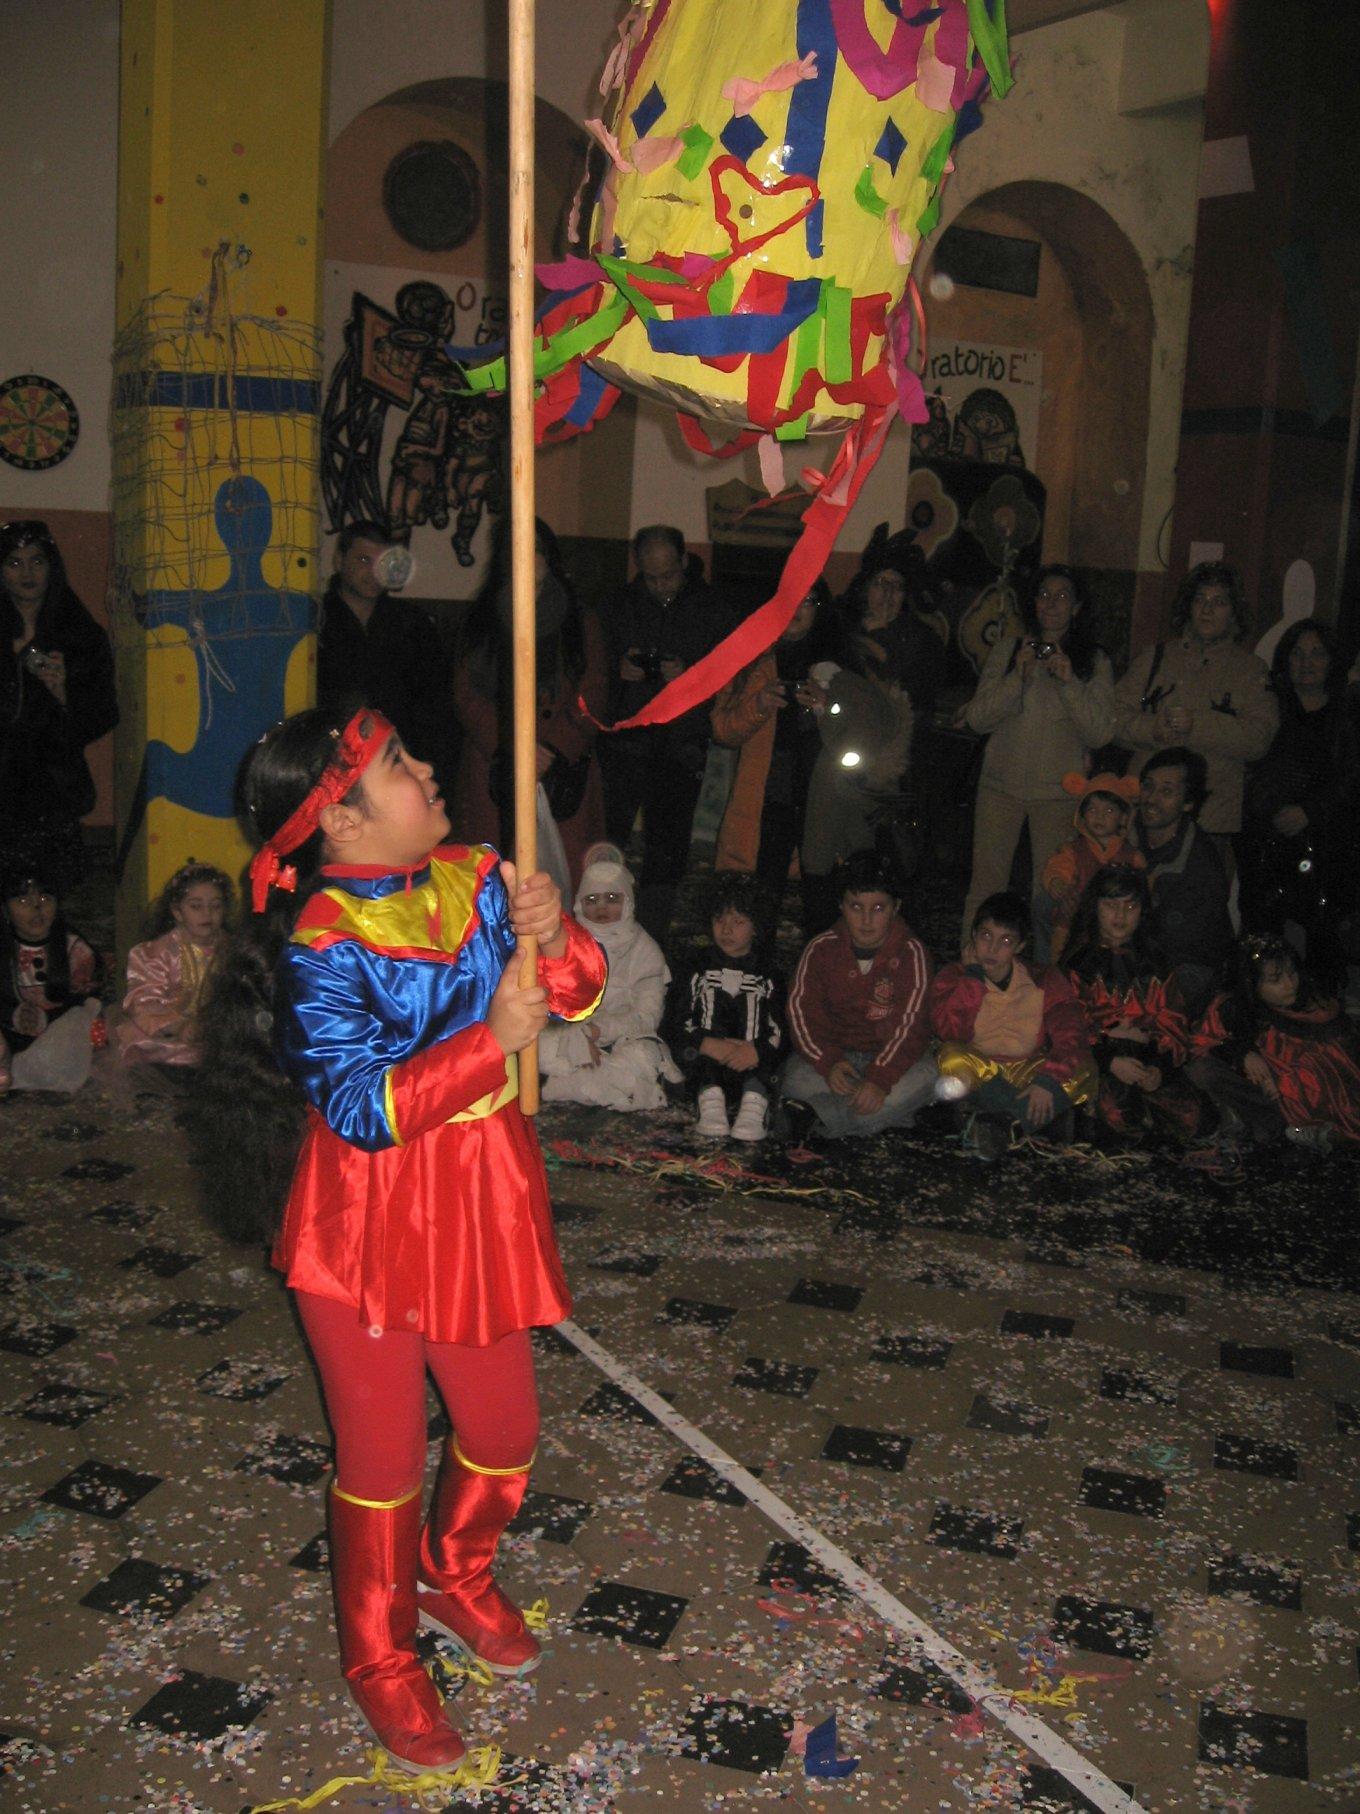 Pentolaccia-2009-02-22--17.08.12.jpg